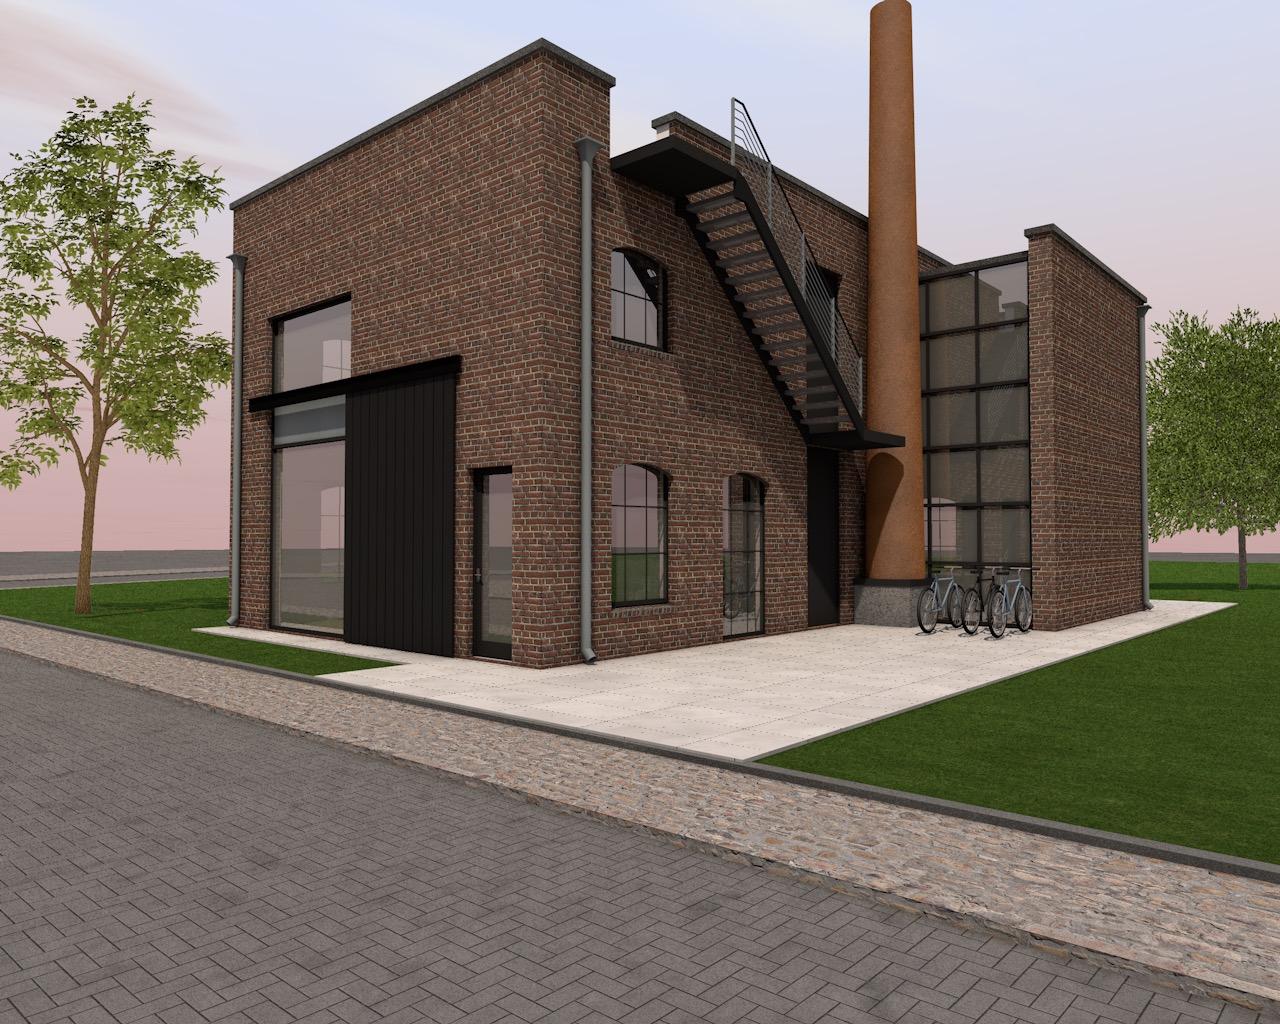 n plan Boddenkamp te Enschede hebben we een pakhuis woning ontworpen welke herinnert aan de plaatselijke industriële bouw